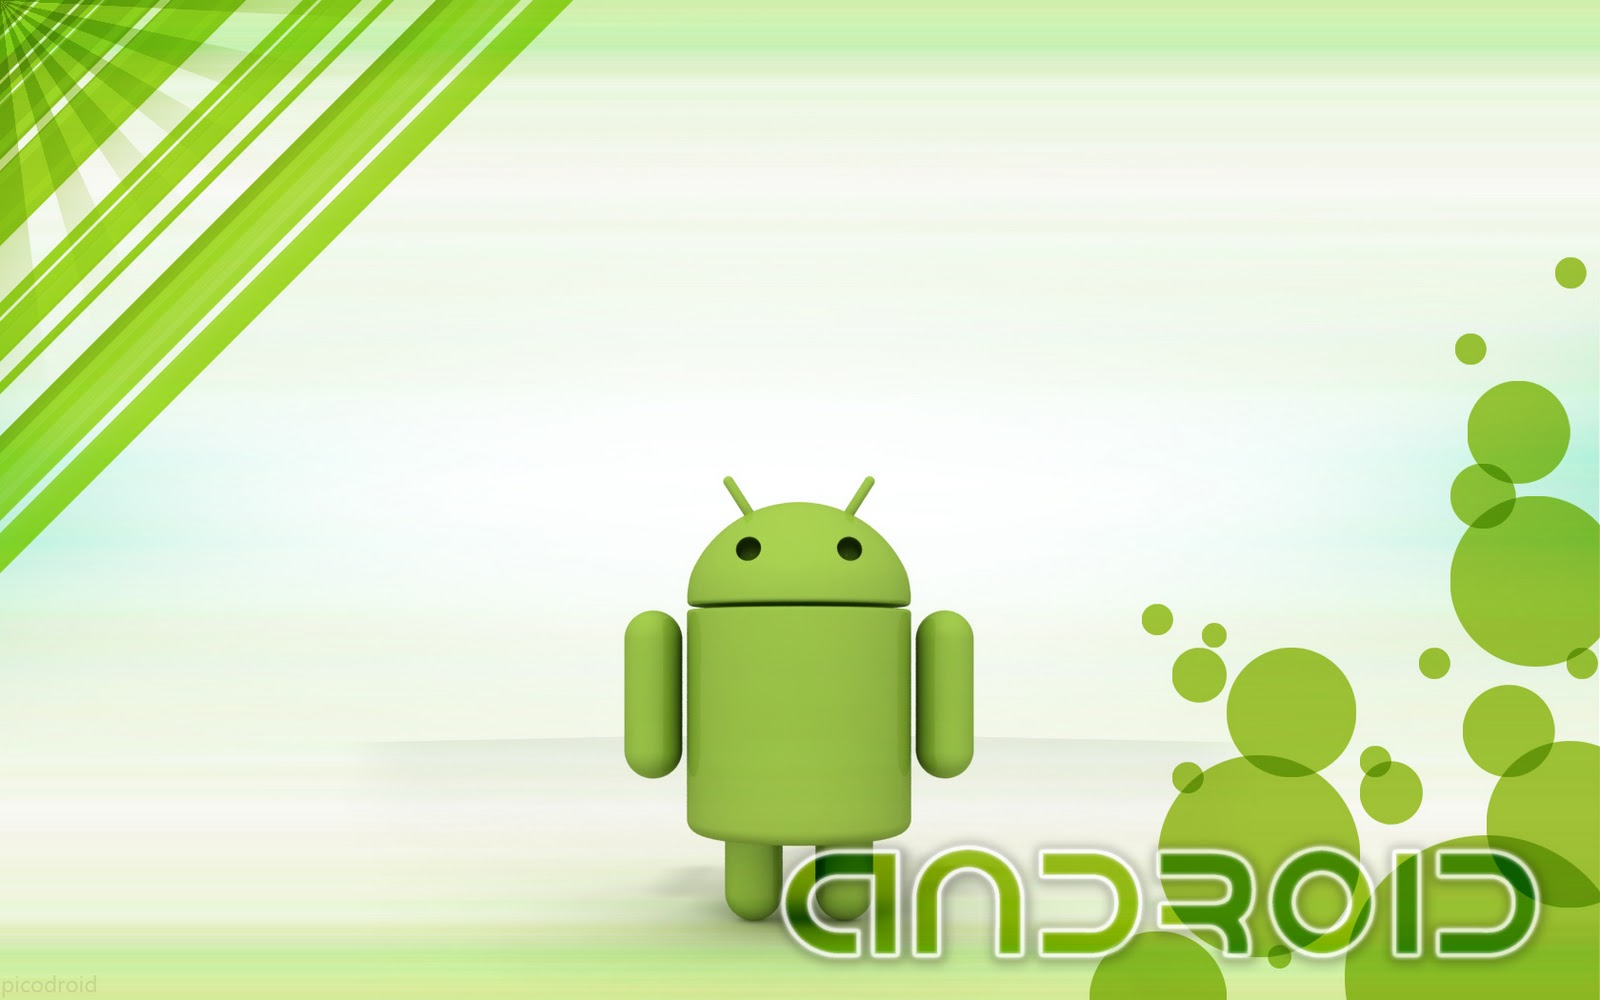 http://4.bp.blogspot.com/-oF-ztrAUlHo/TykRCIs5epI/AAAAAAAAAxM/UliX5fM9YEY/s1600/android-wallpaper-21.jpg